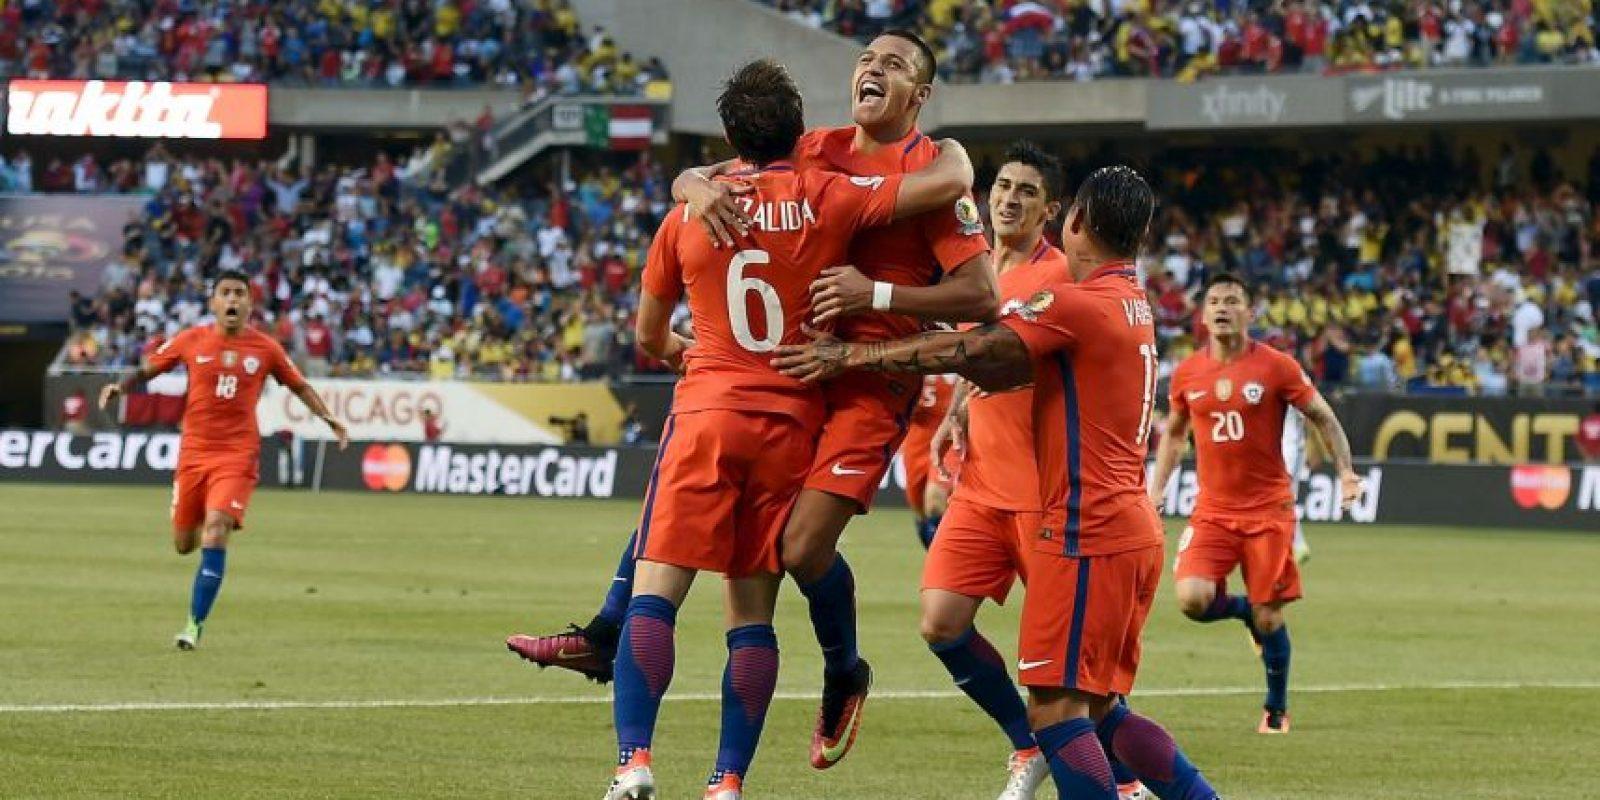 Chile, por su parte, venció a Colombia por 2 a 0 y buscará su segundo título en un año Foto:Getty Images. Imagen Por: